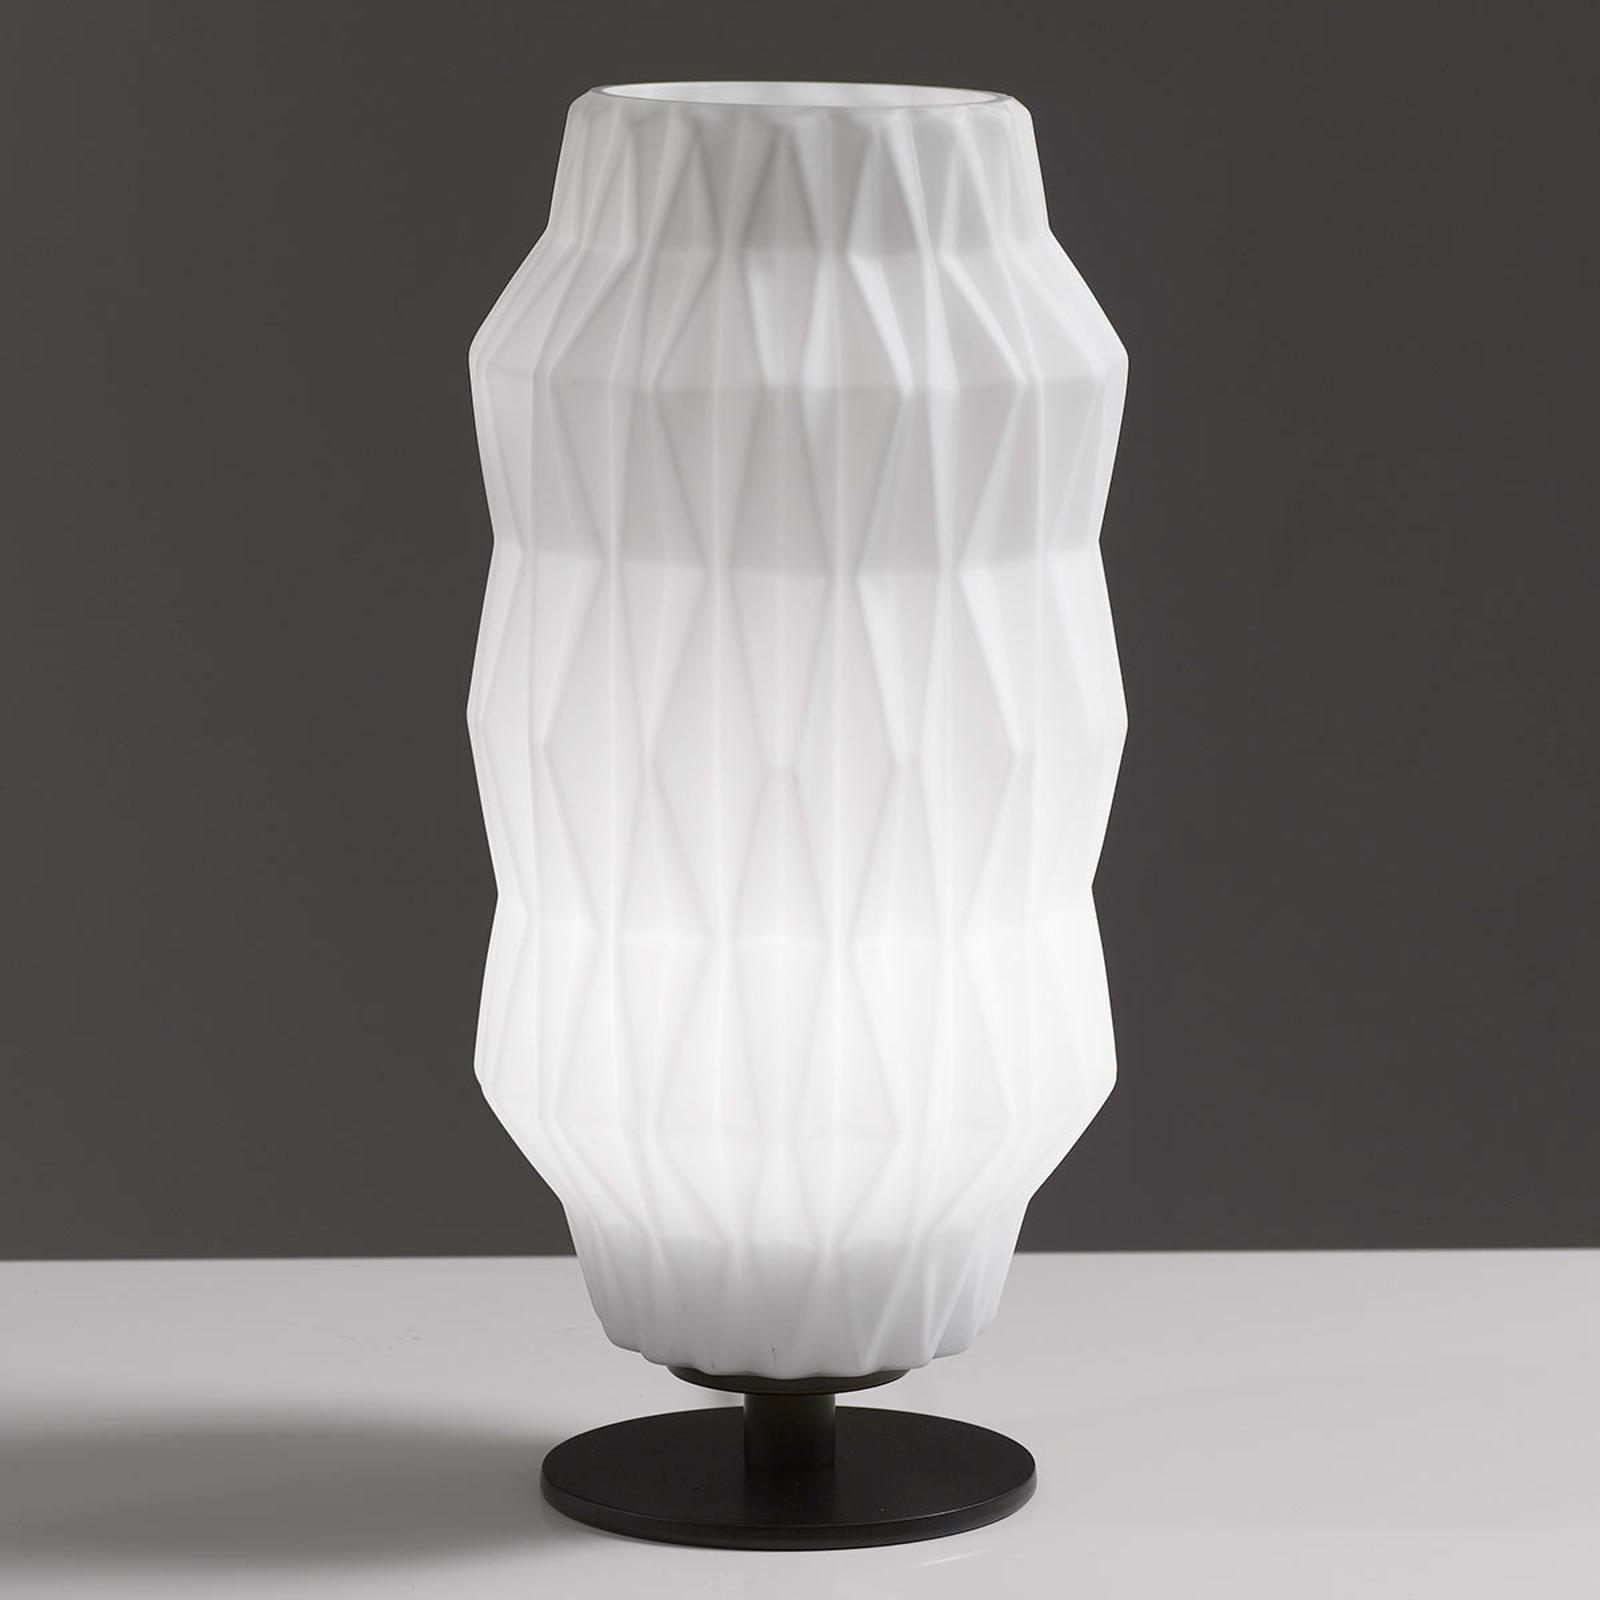 Tafellamp Origami, wit